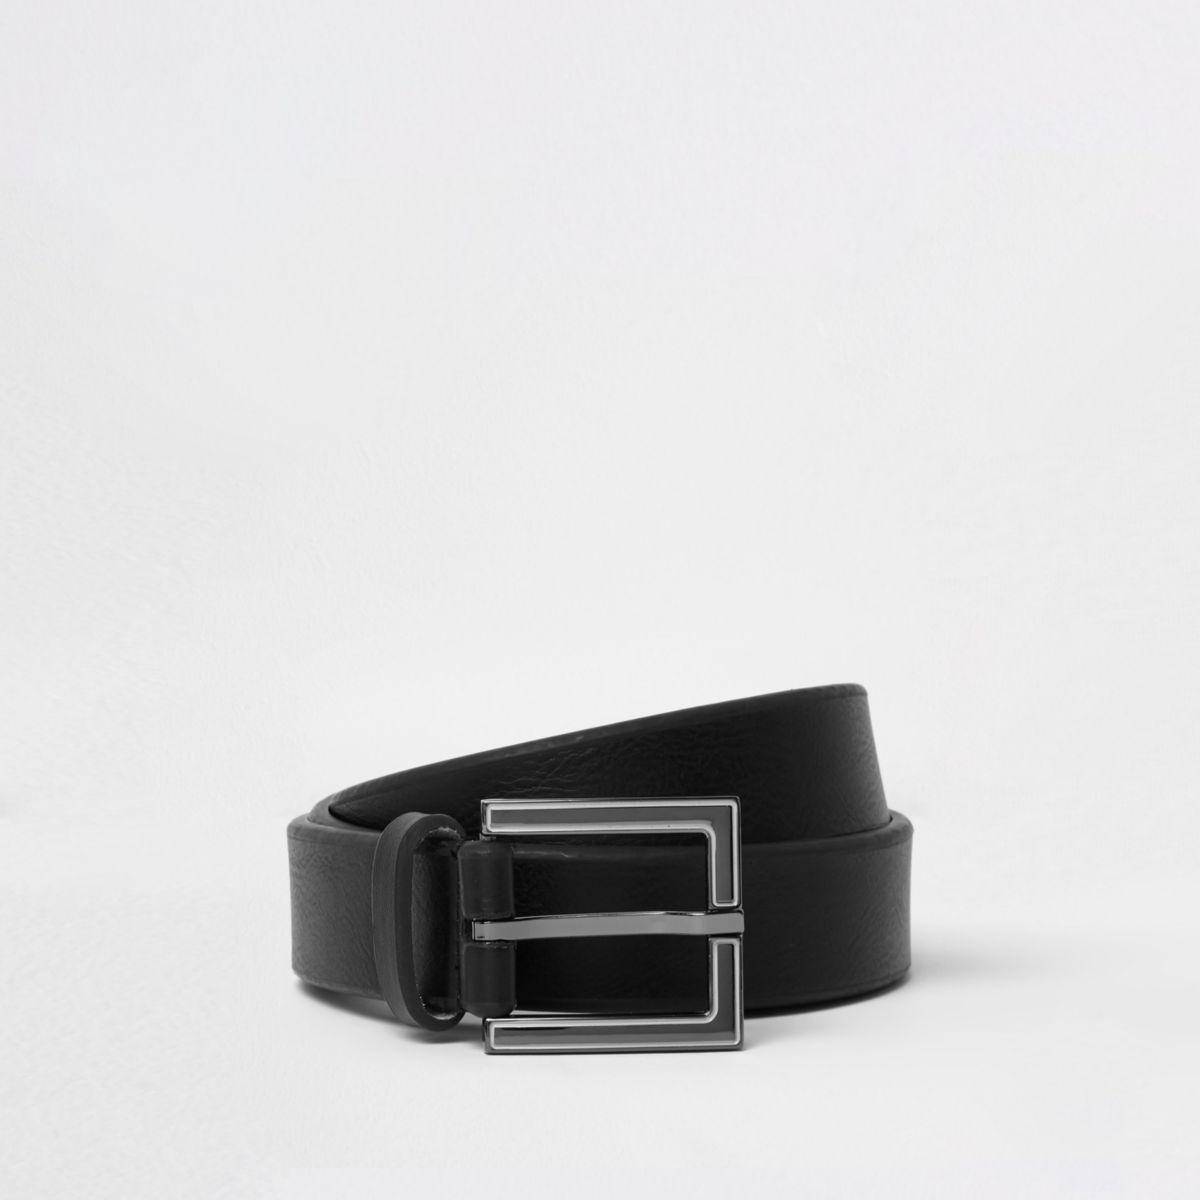 Zwarte riem met emaillen vierkante gesp